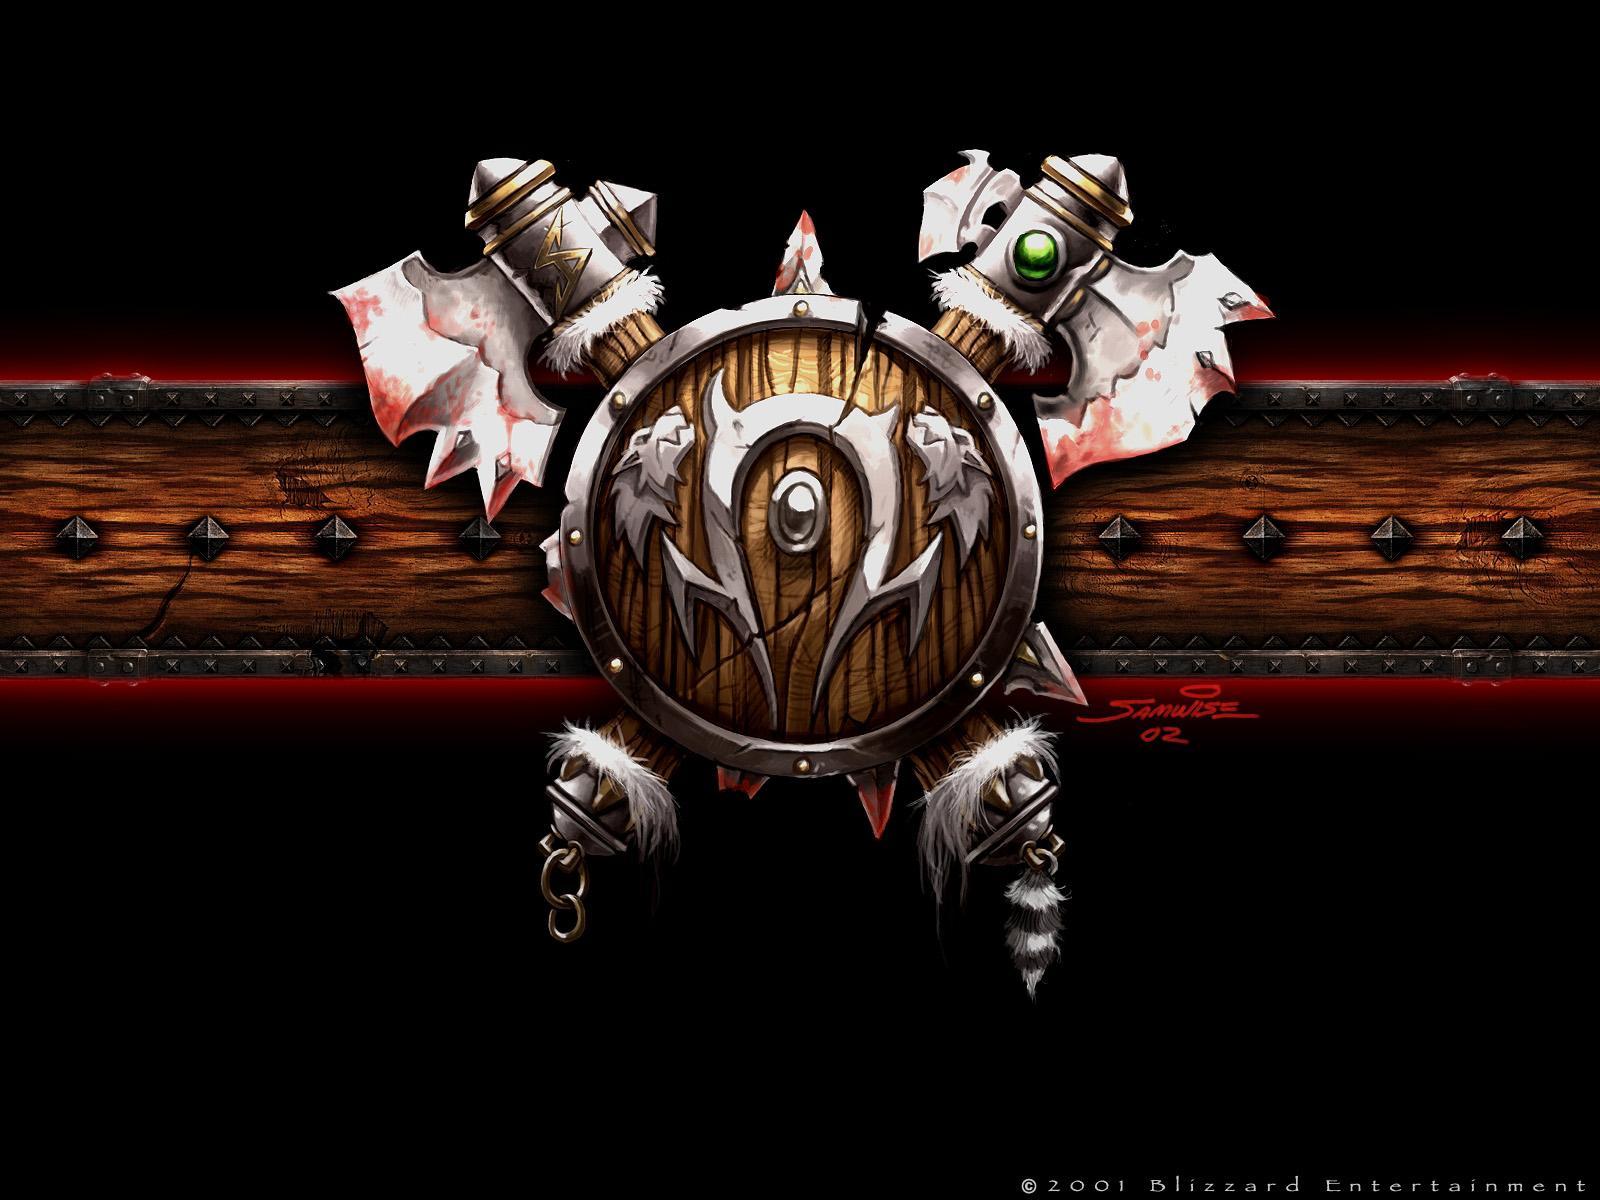 Warcraft 3 expansion 1v1 orc strat anime video